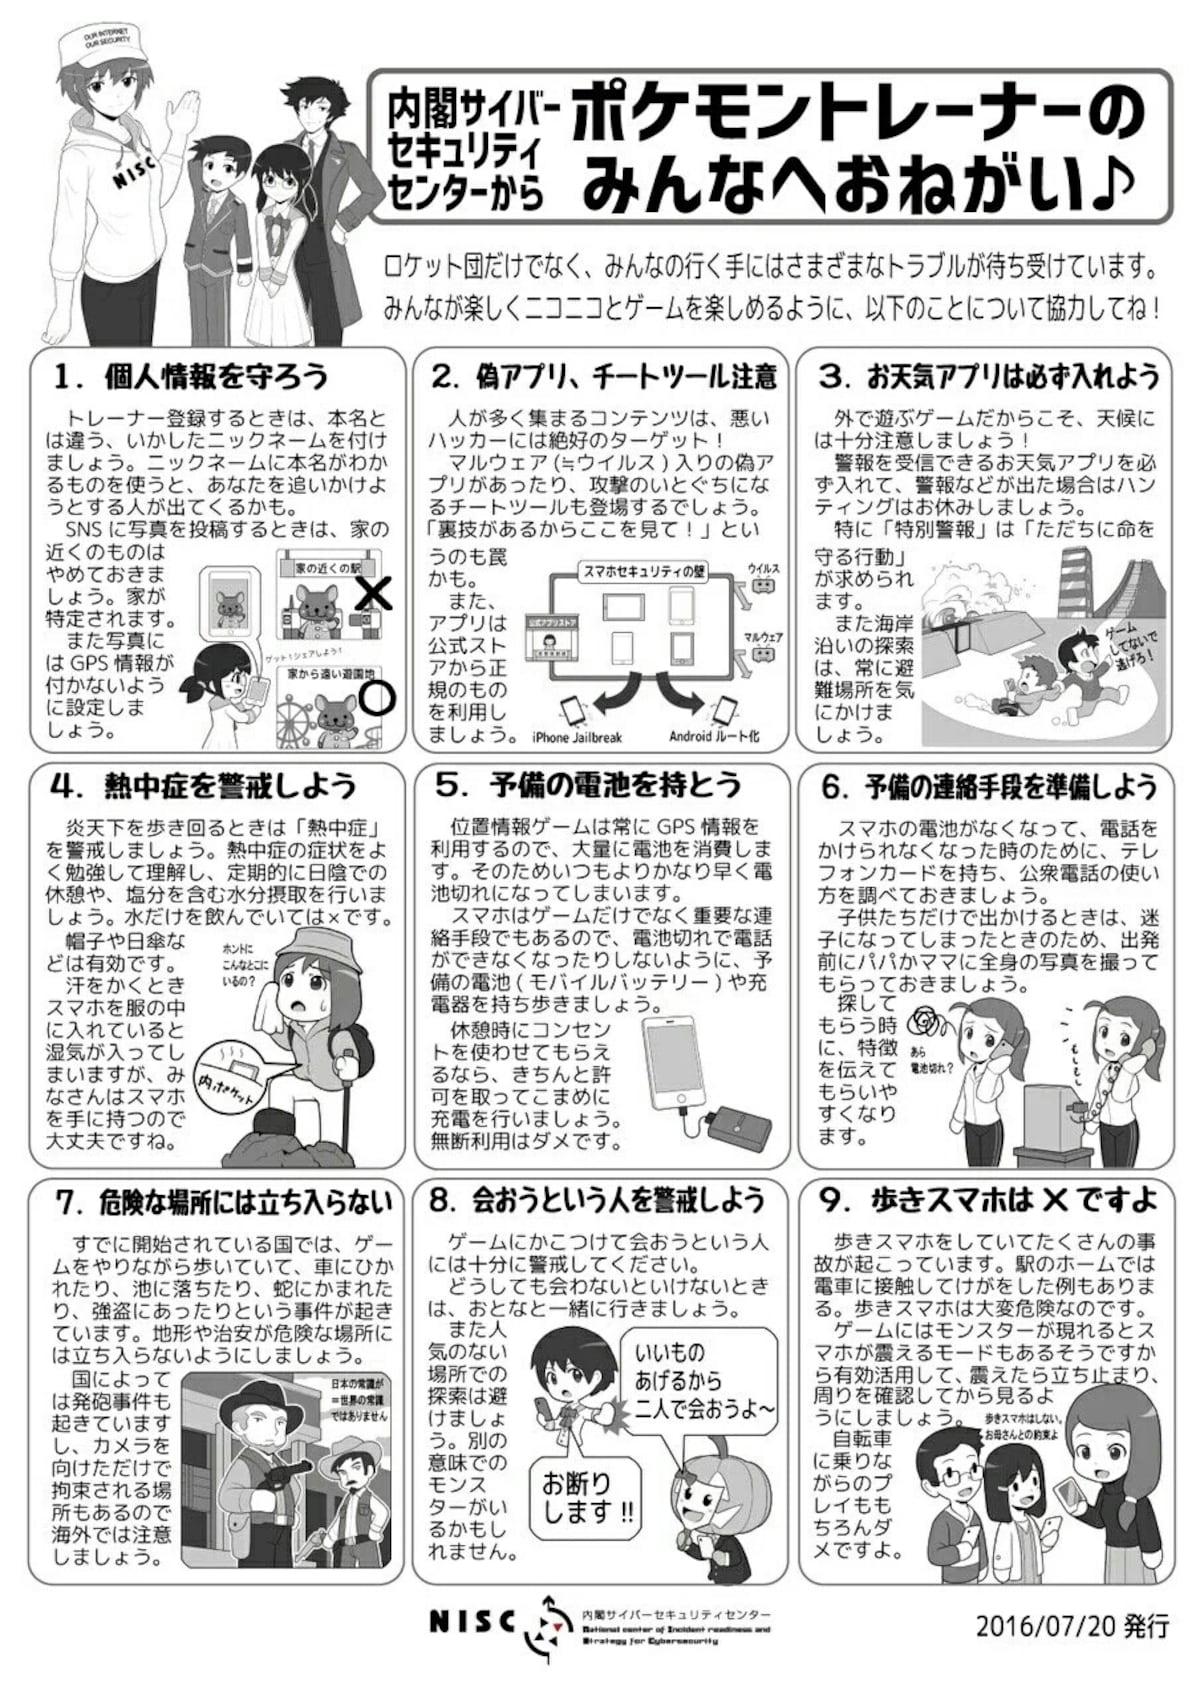 Pokémon Go Safety Guide